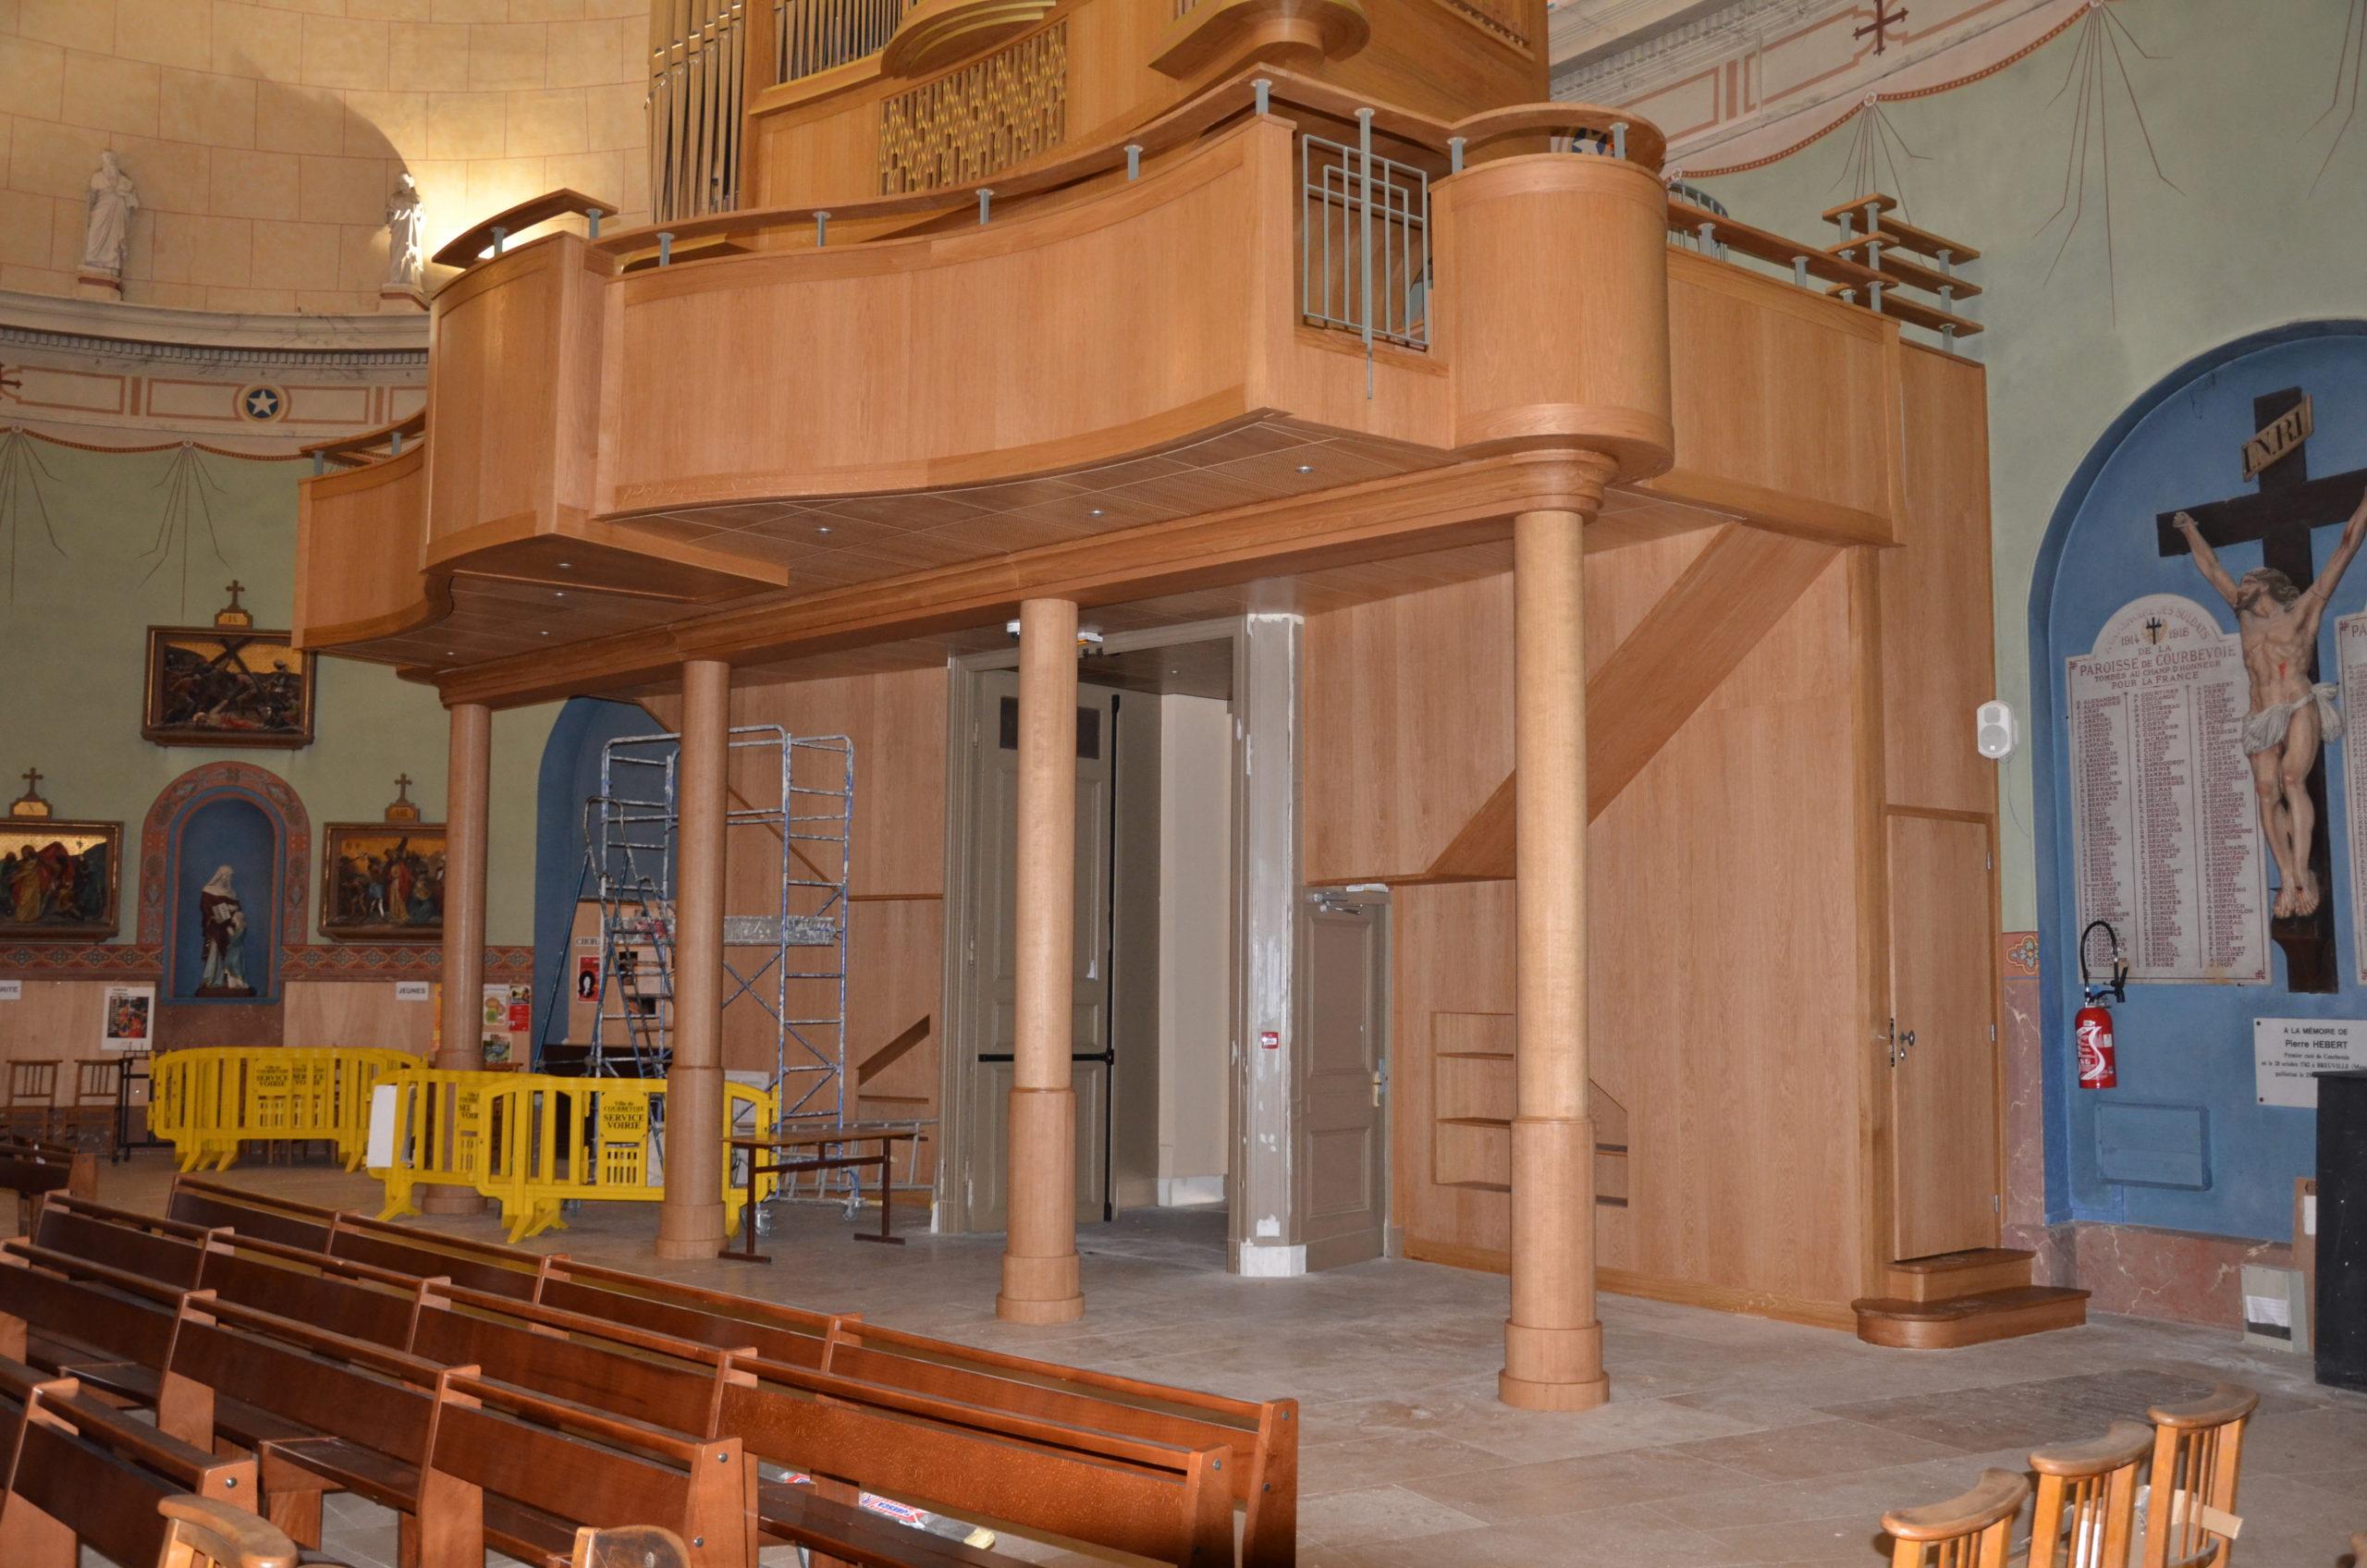 Tribune d'un orge église